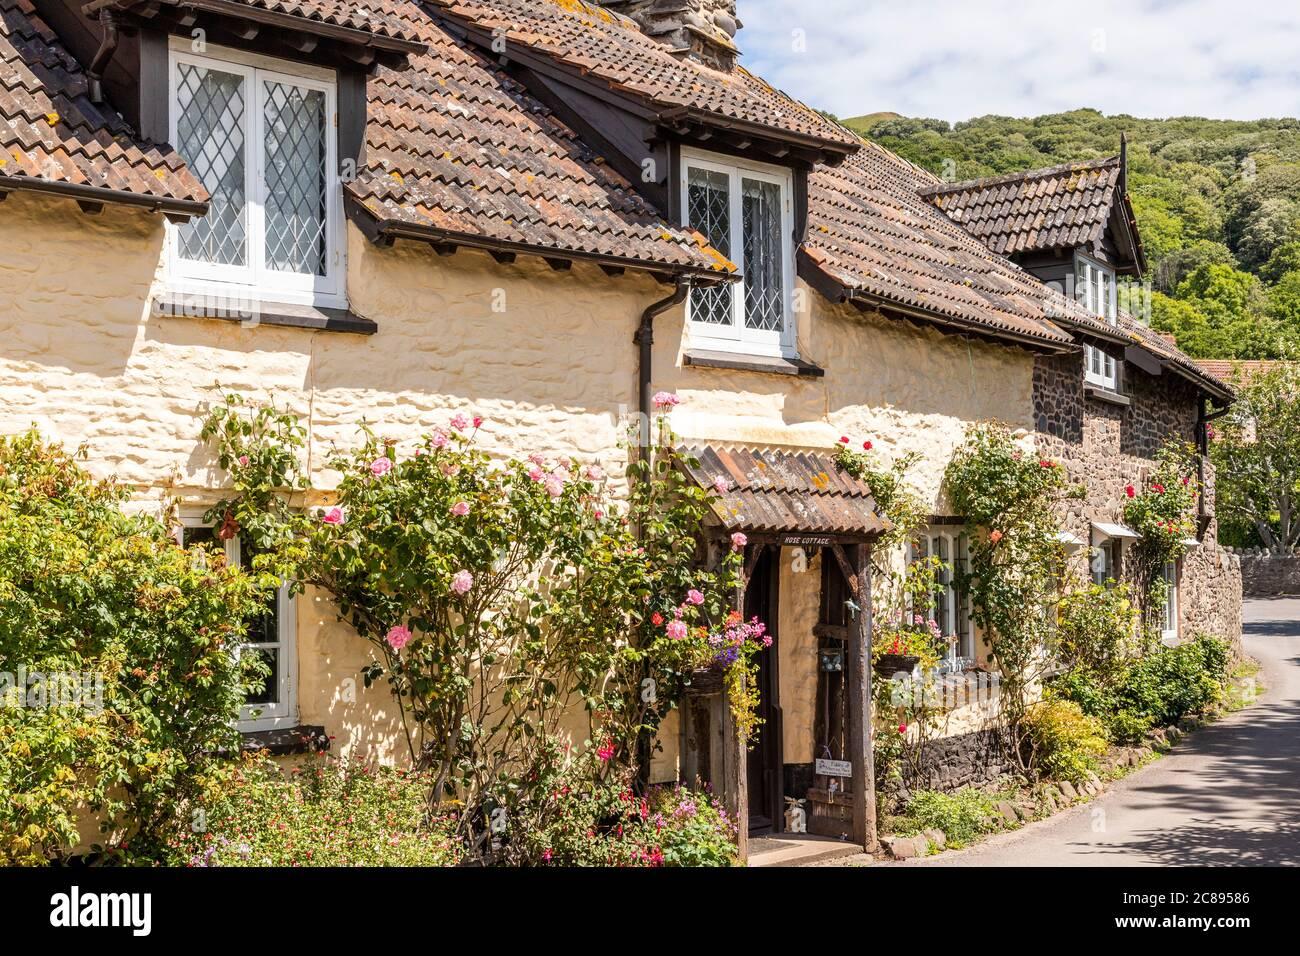 Roses fleuries à l'extérieur de cottages carrelés traditionnels dans le parc national d'Exmoor, dans le village de Bossington, Somerset, Royaume-Uni Banque D'Images